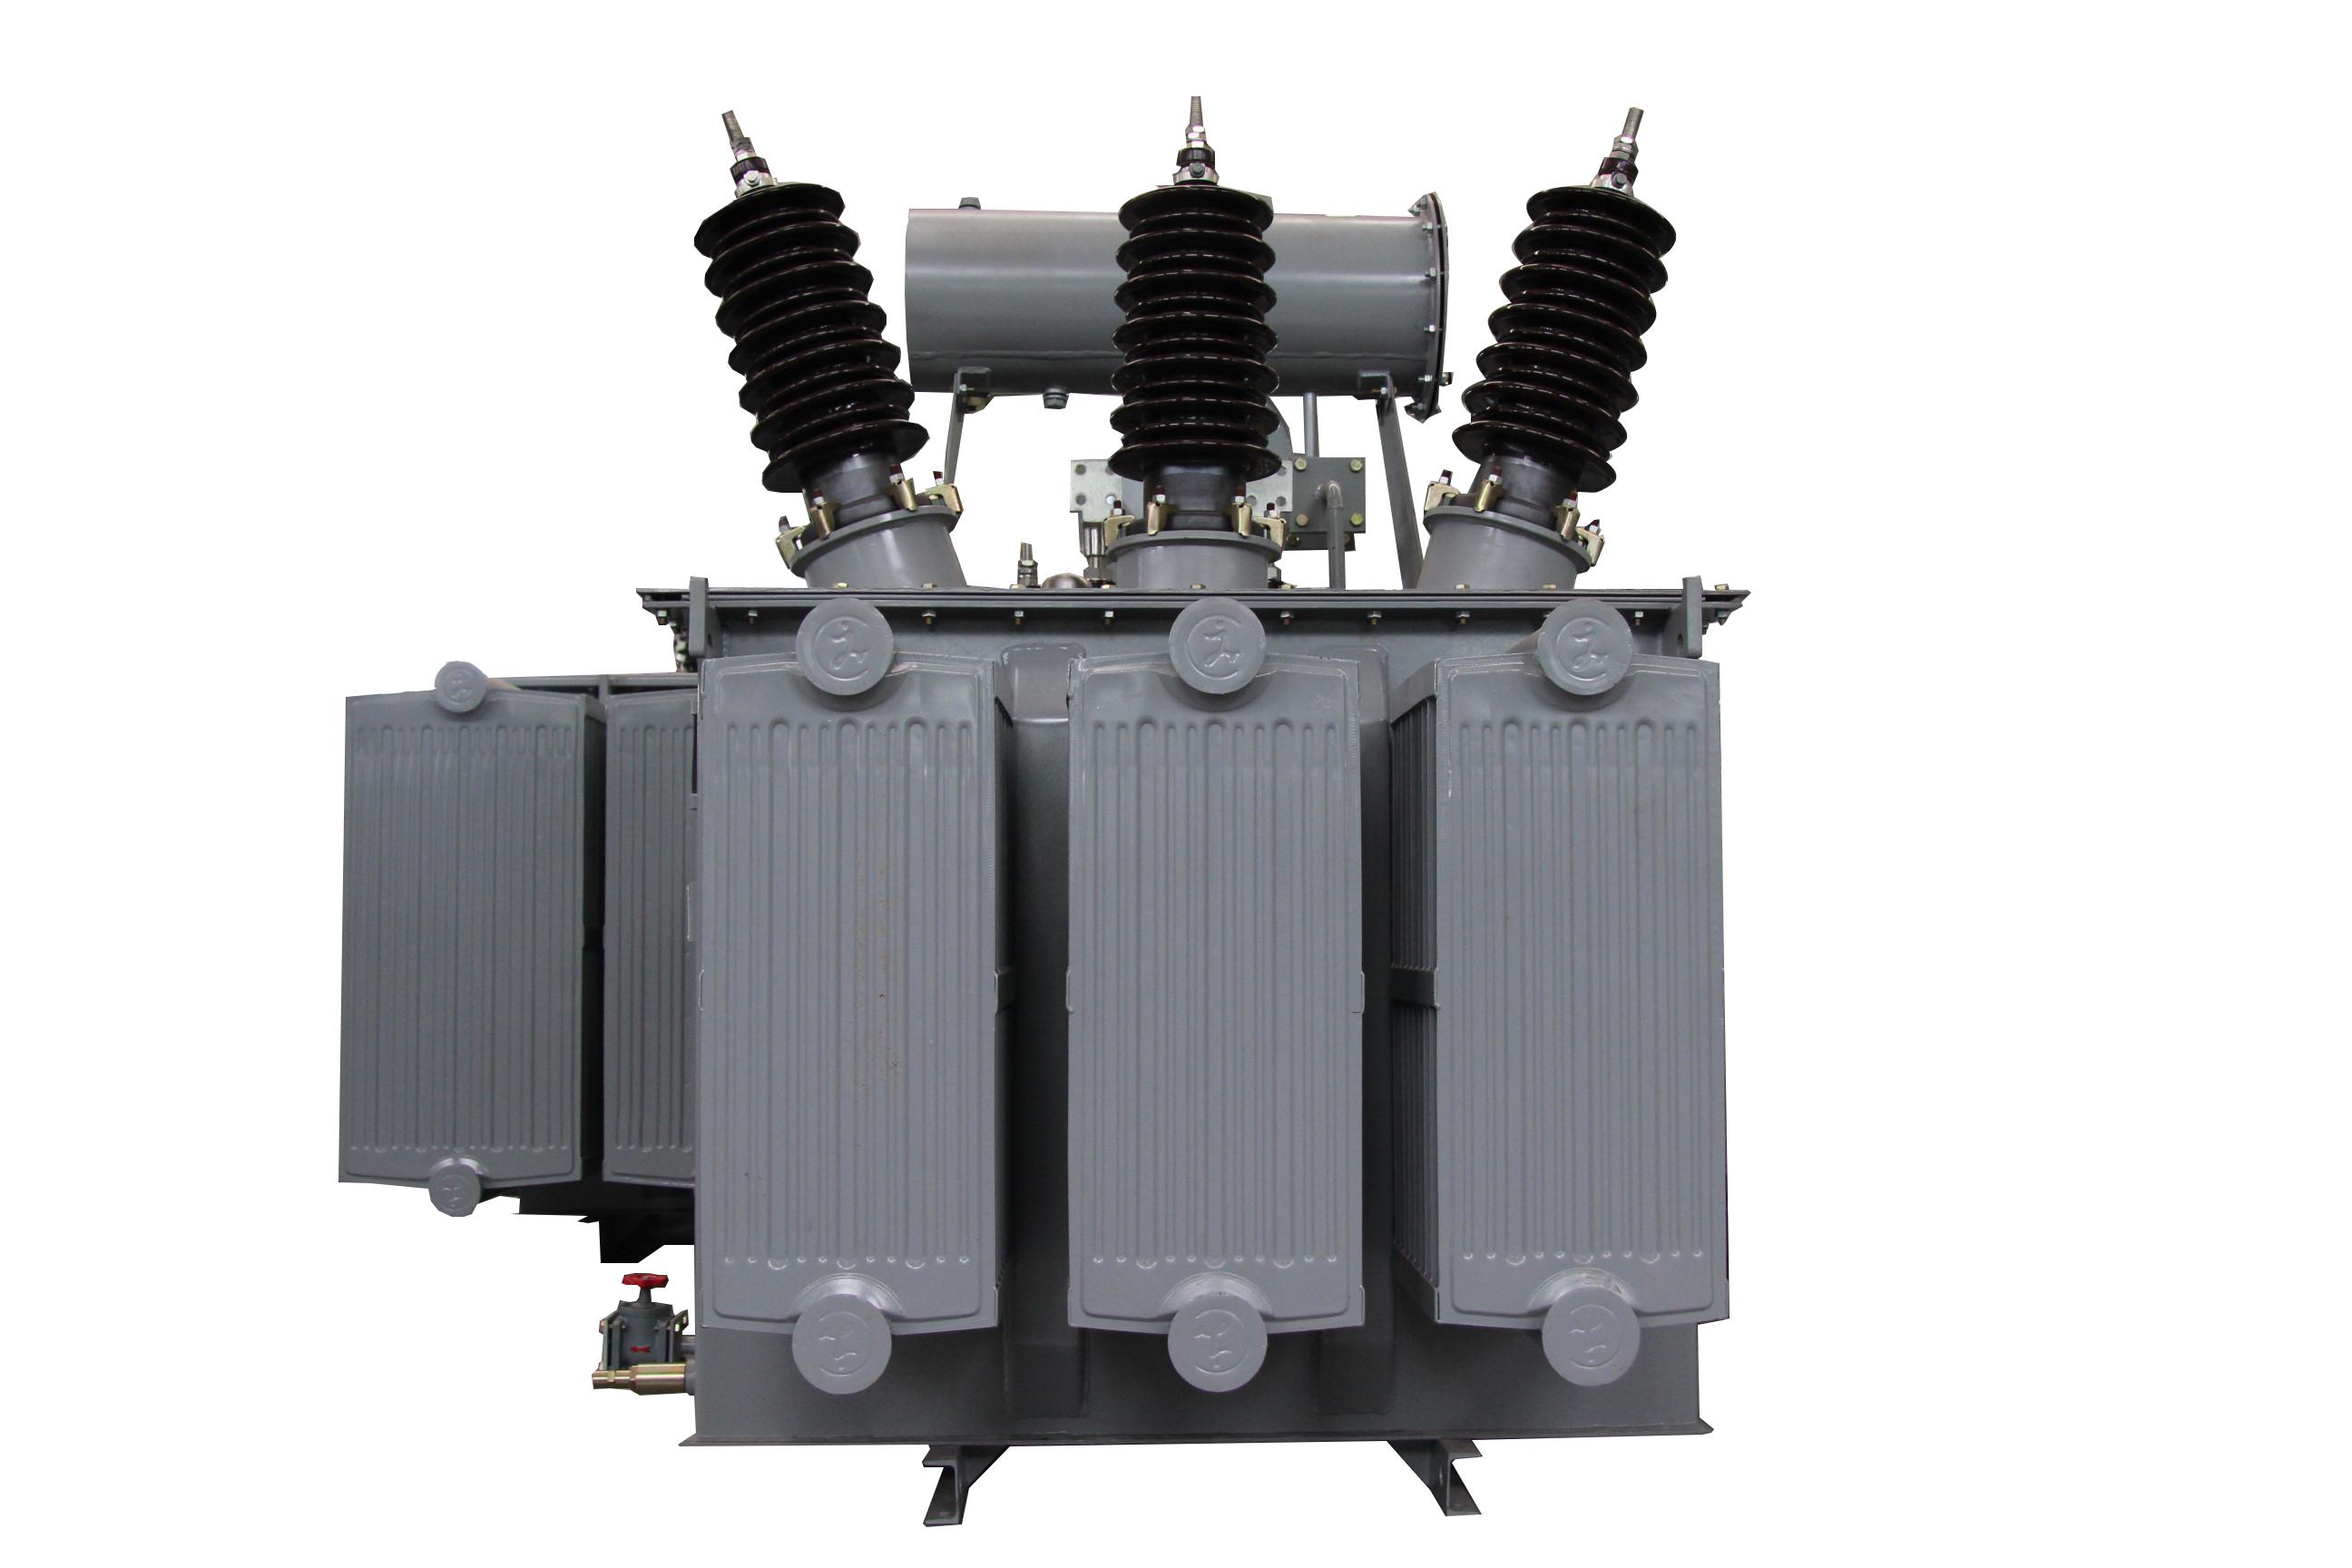 变压器型号_S11-630kva油浸式变压器型号结构图_北京创联汇通电气